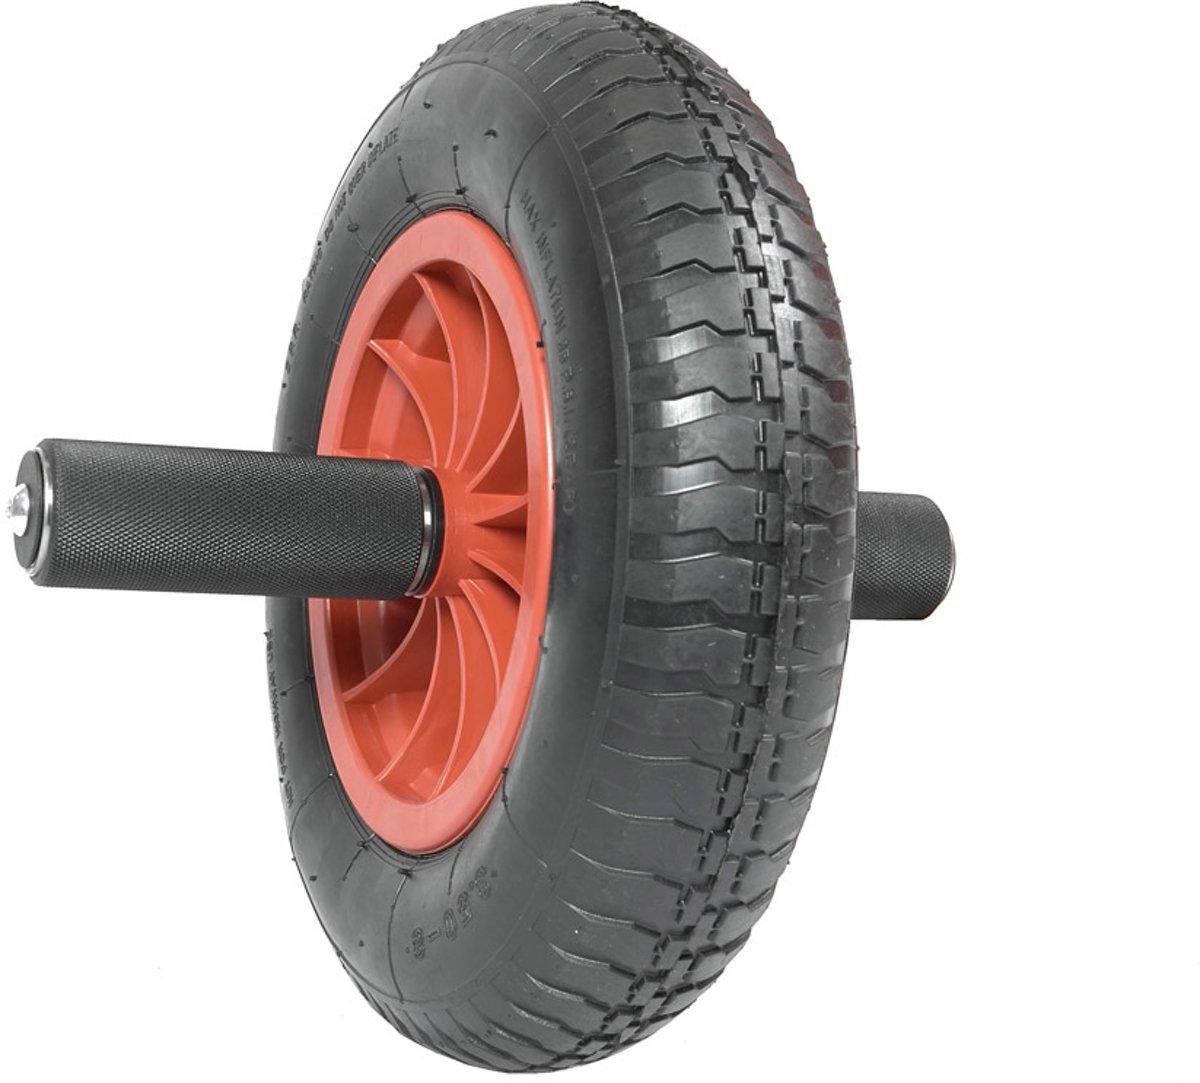 Heavy abwheel - ab roller - rood-zwart - 150 kg belastbaar kopen